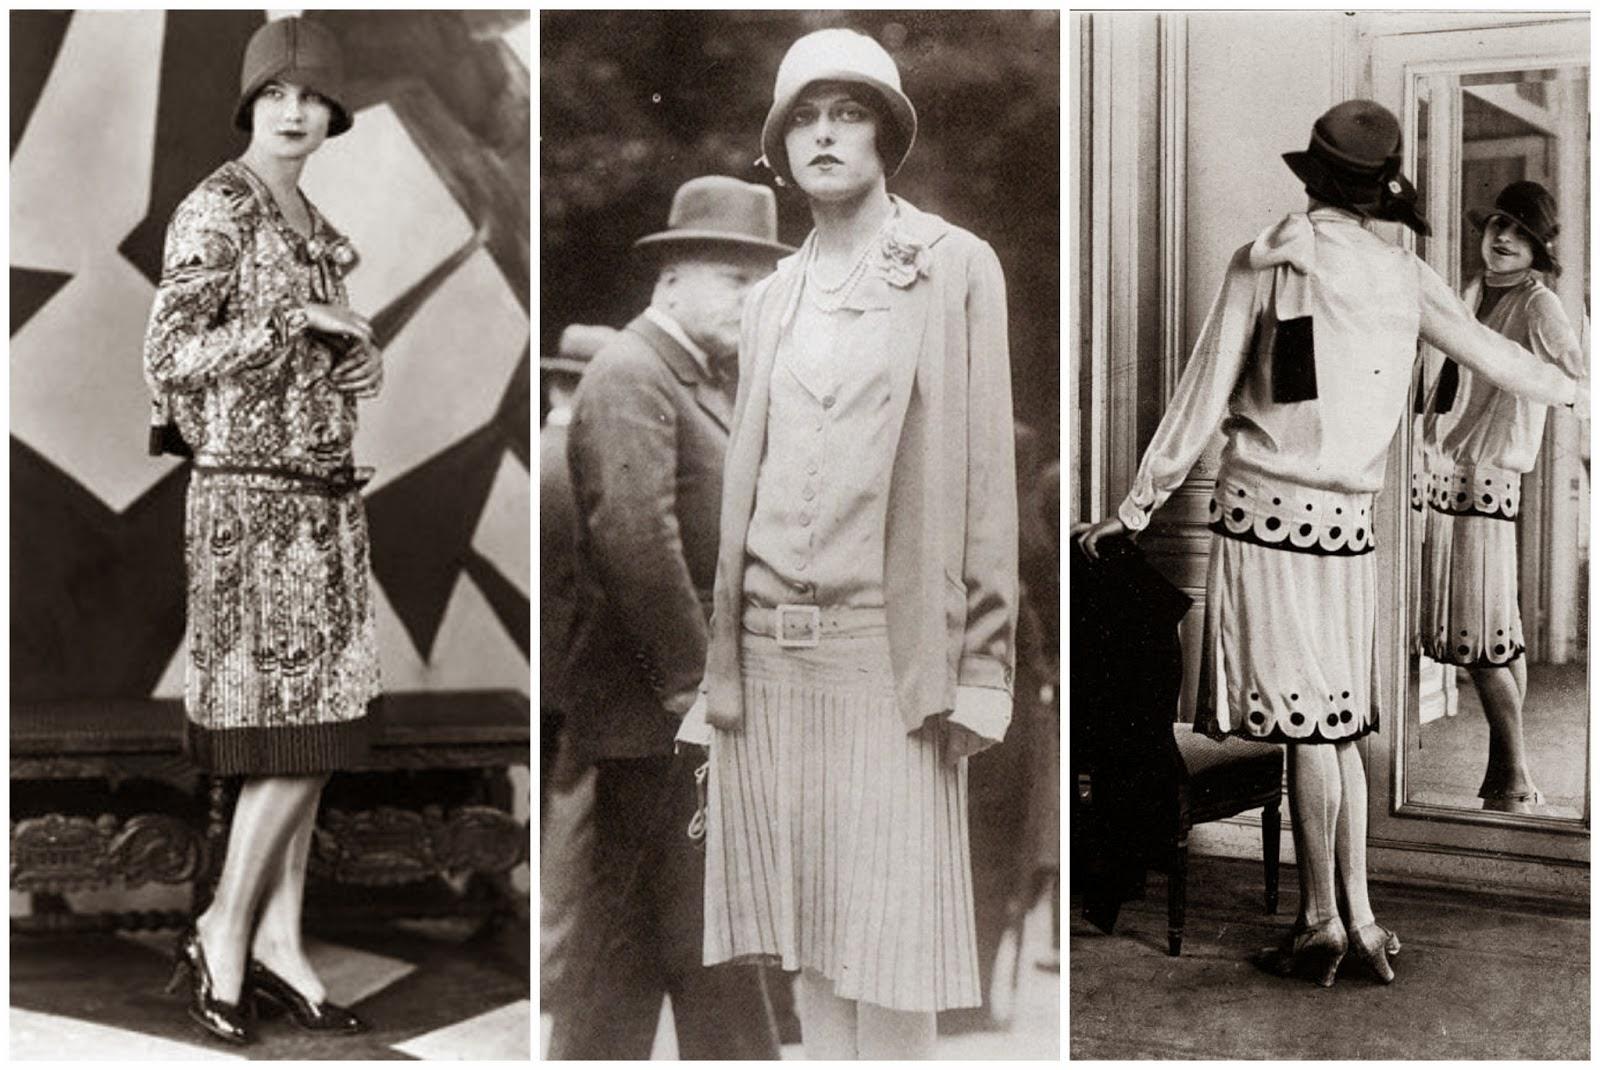 Stile di abbigliamento femminile presentato a Parigi nel 1924 bdd1103d0b4c